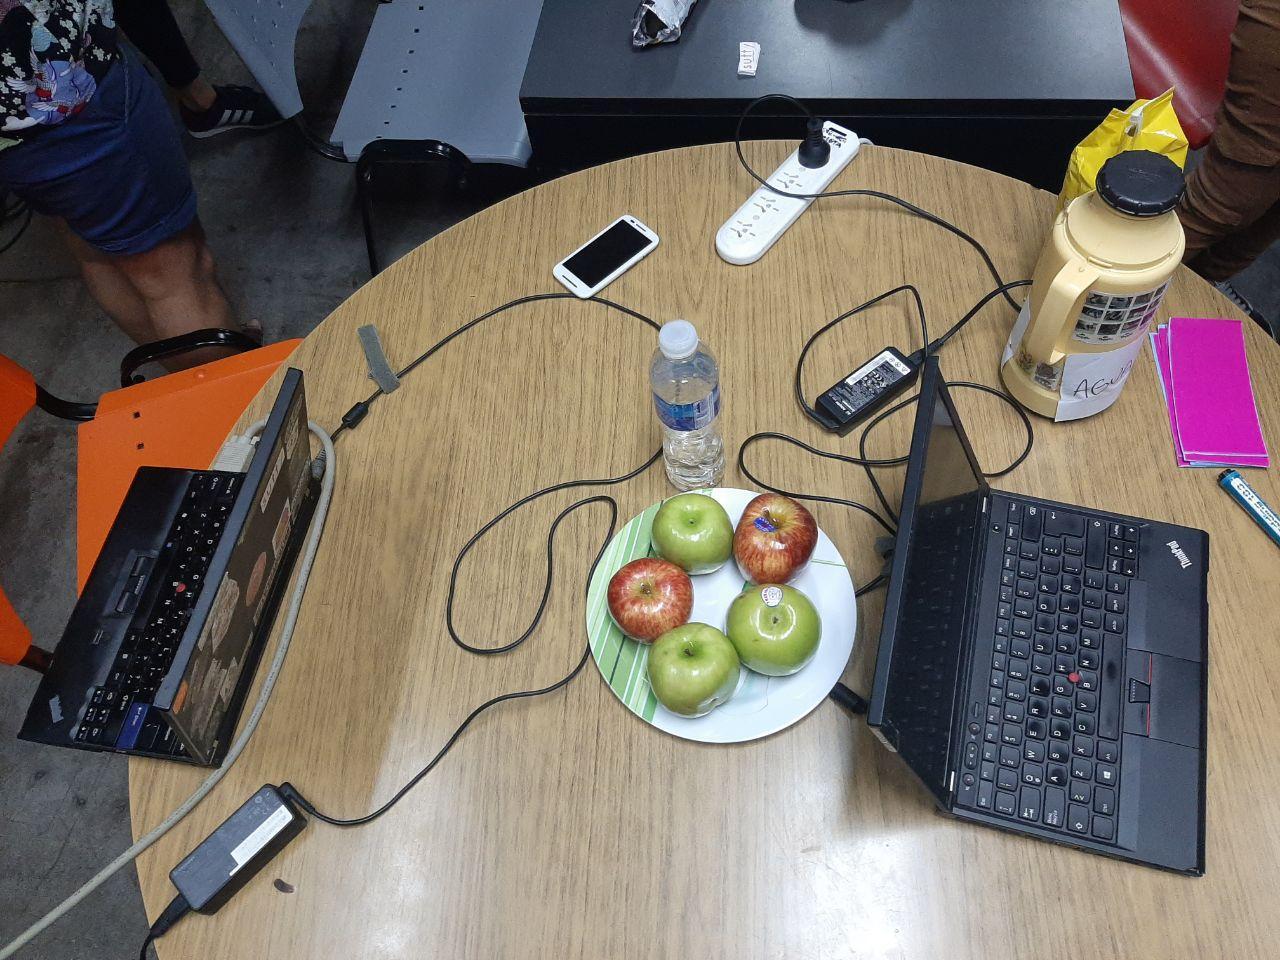 Fruta, agua, agua para el mate y dispositivos para escribir: celu, compus y cartulinas